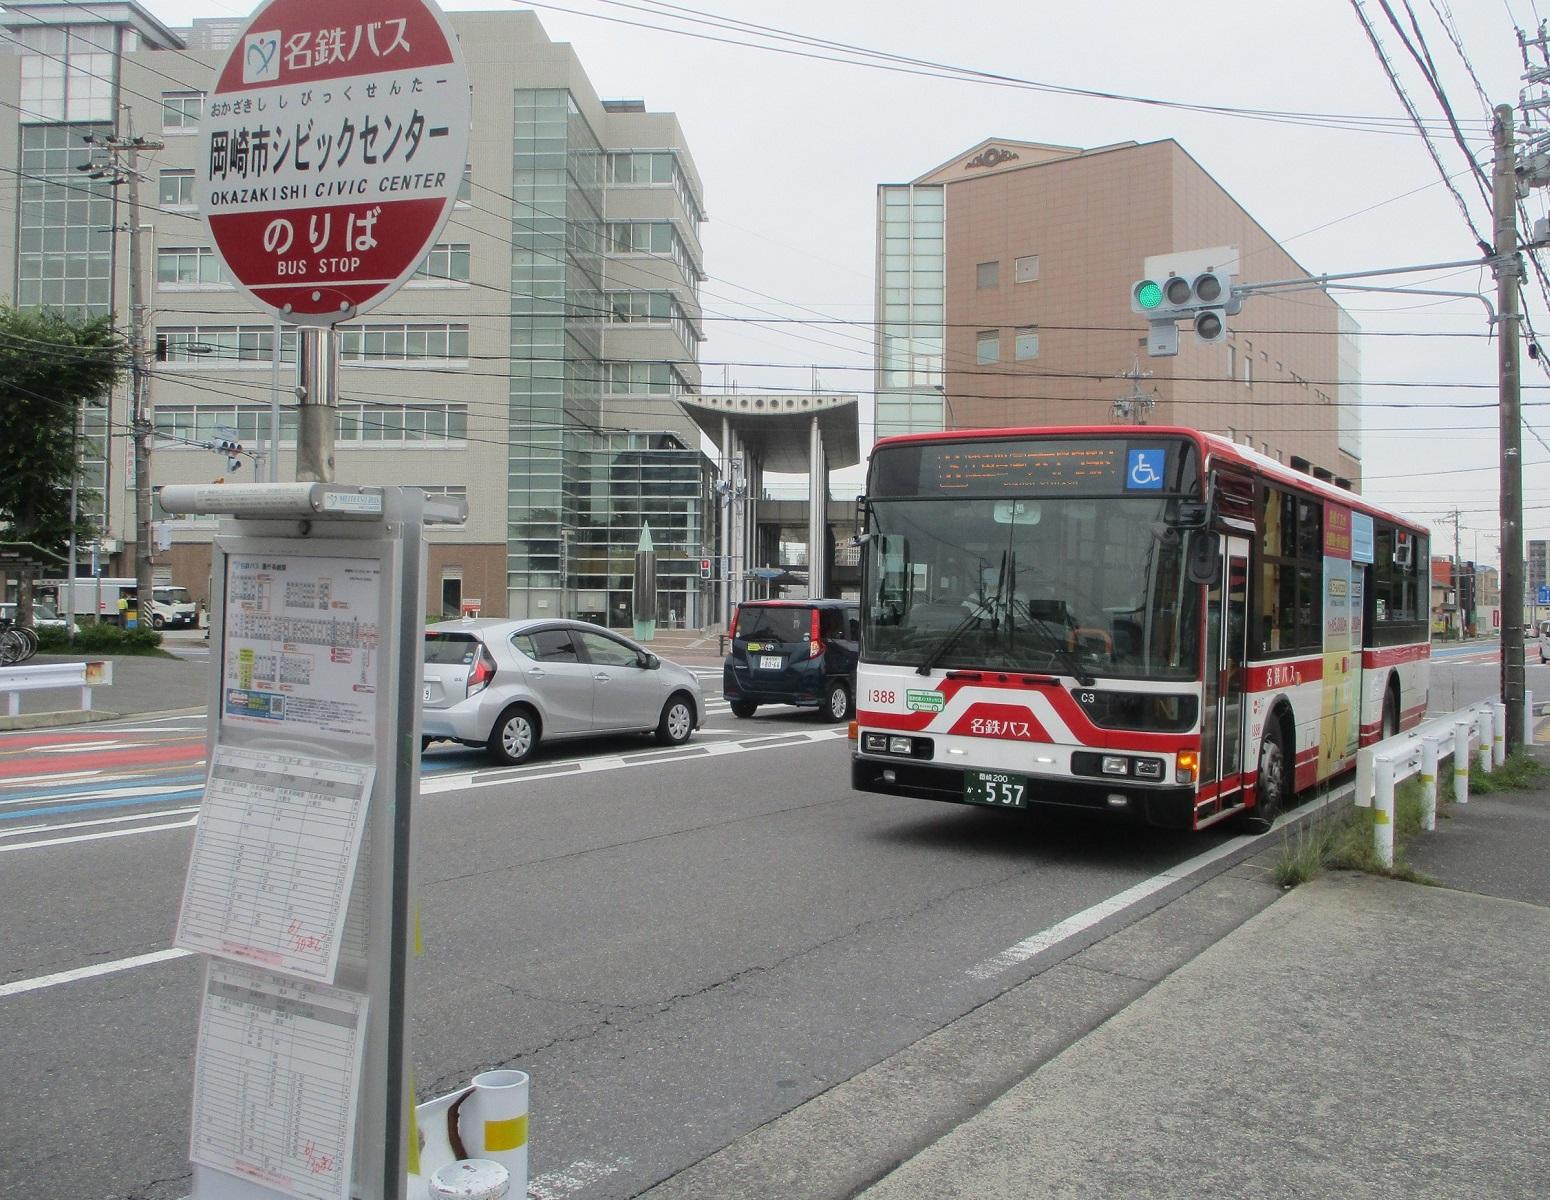 2020.6.22 (25) 岡崎市シビックセンターバス停 - 大門駅いきバス 1550-1200